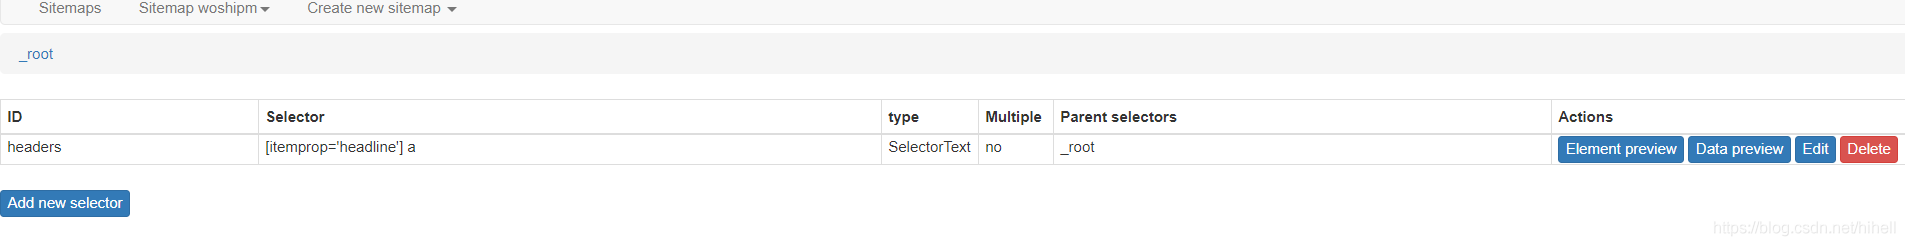 不写代码可以写爬虫程序吗?老师说可以,无编码学爬虫之一。